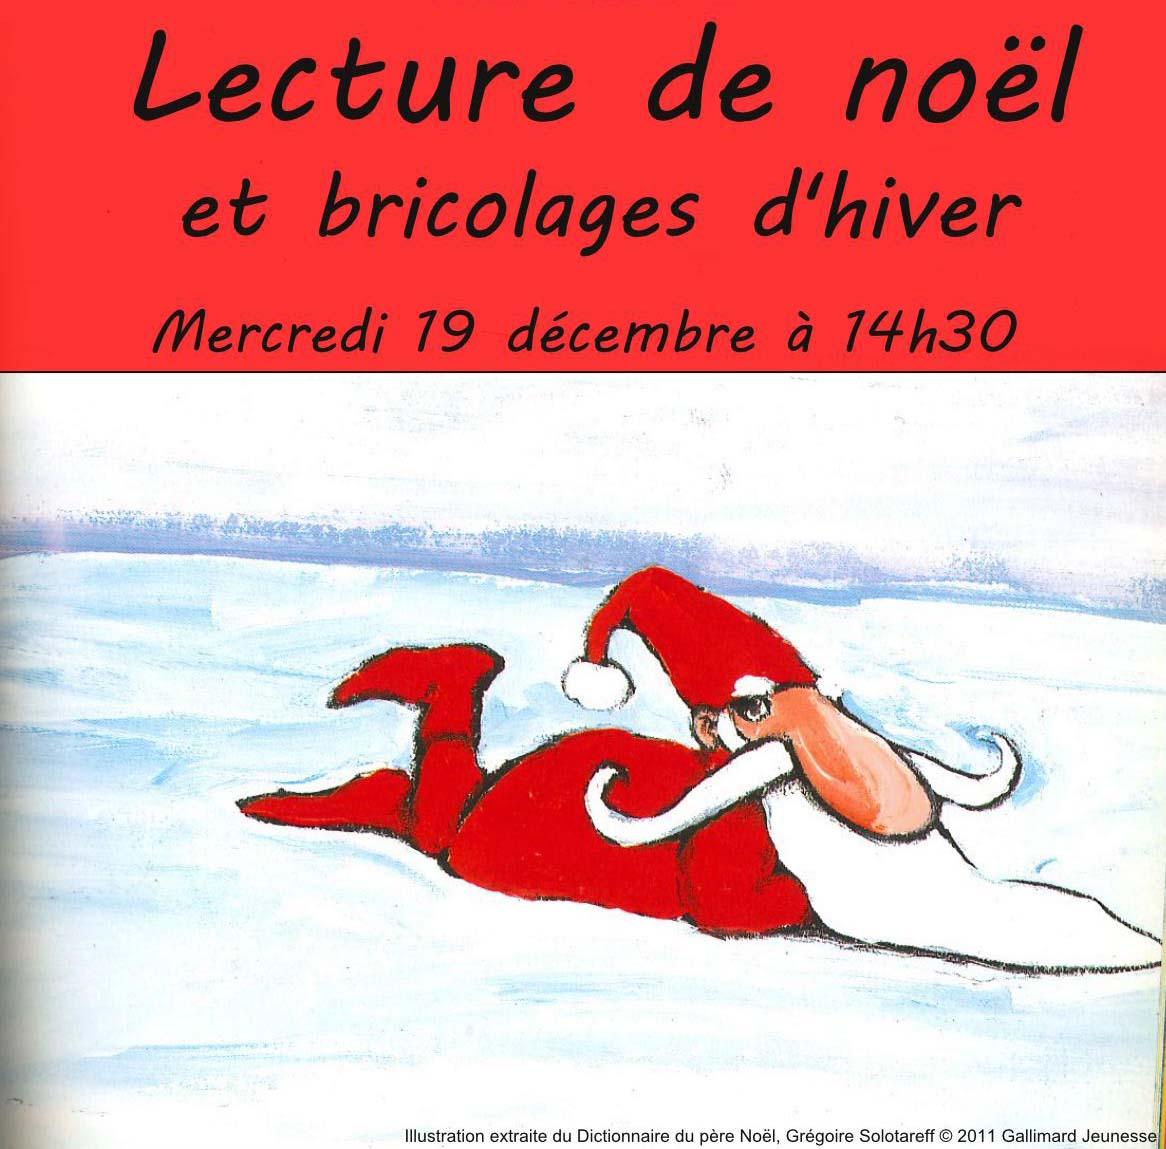 Lecture de noëlW-page001 copie